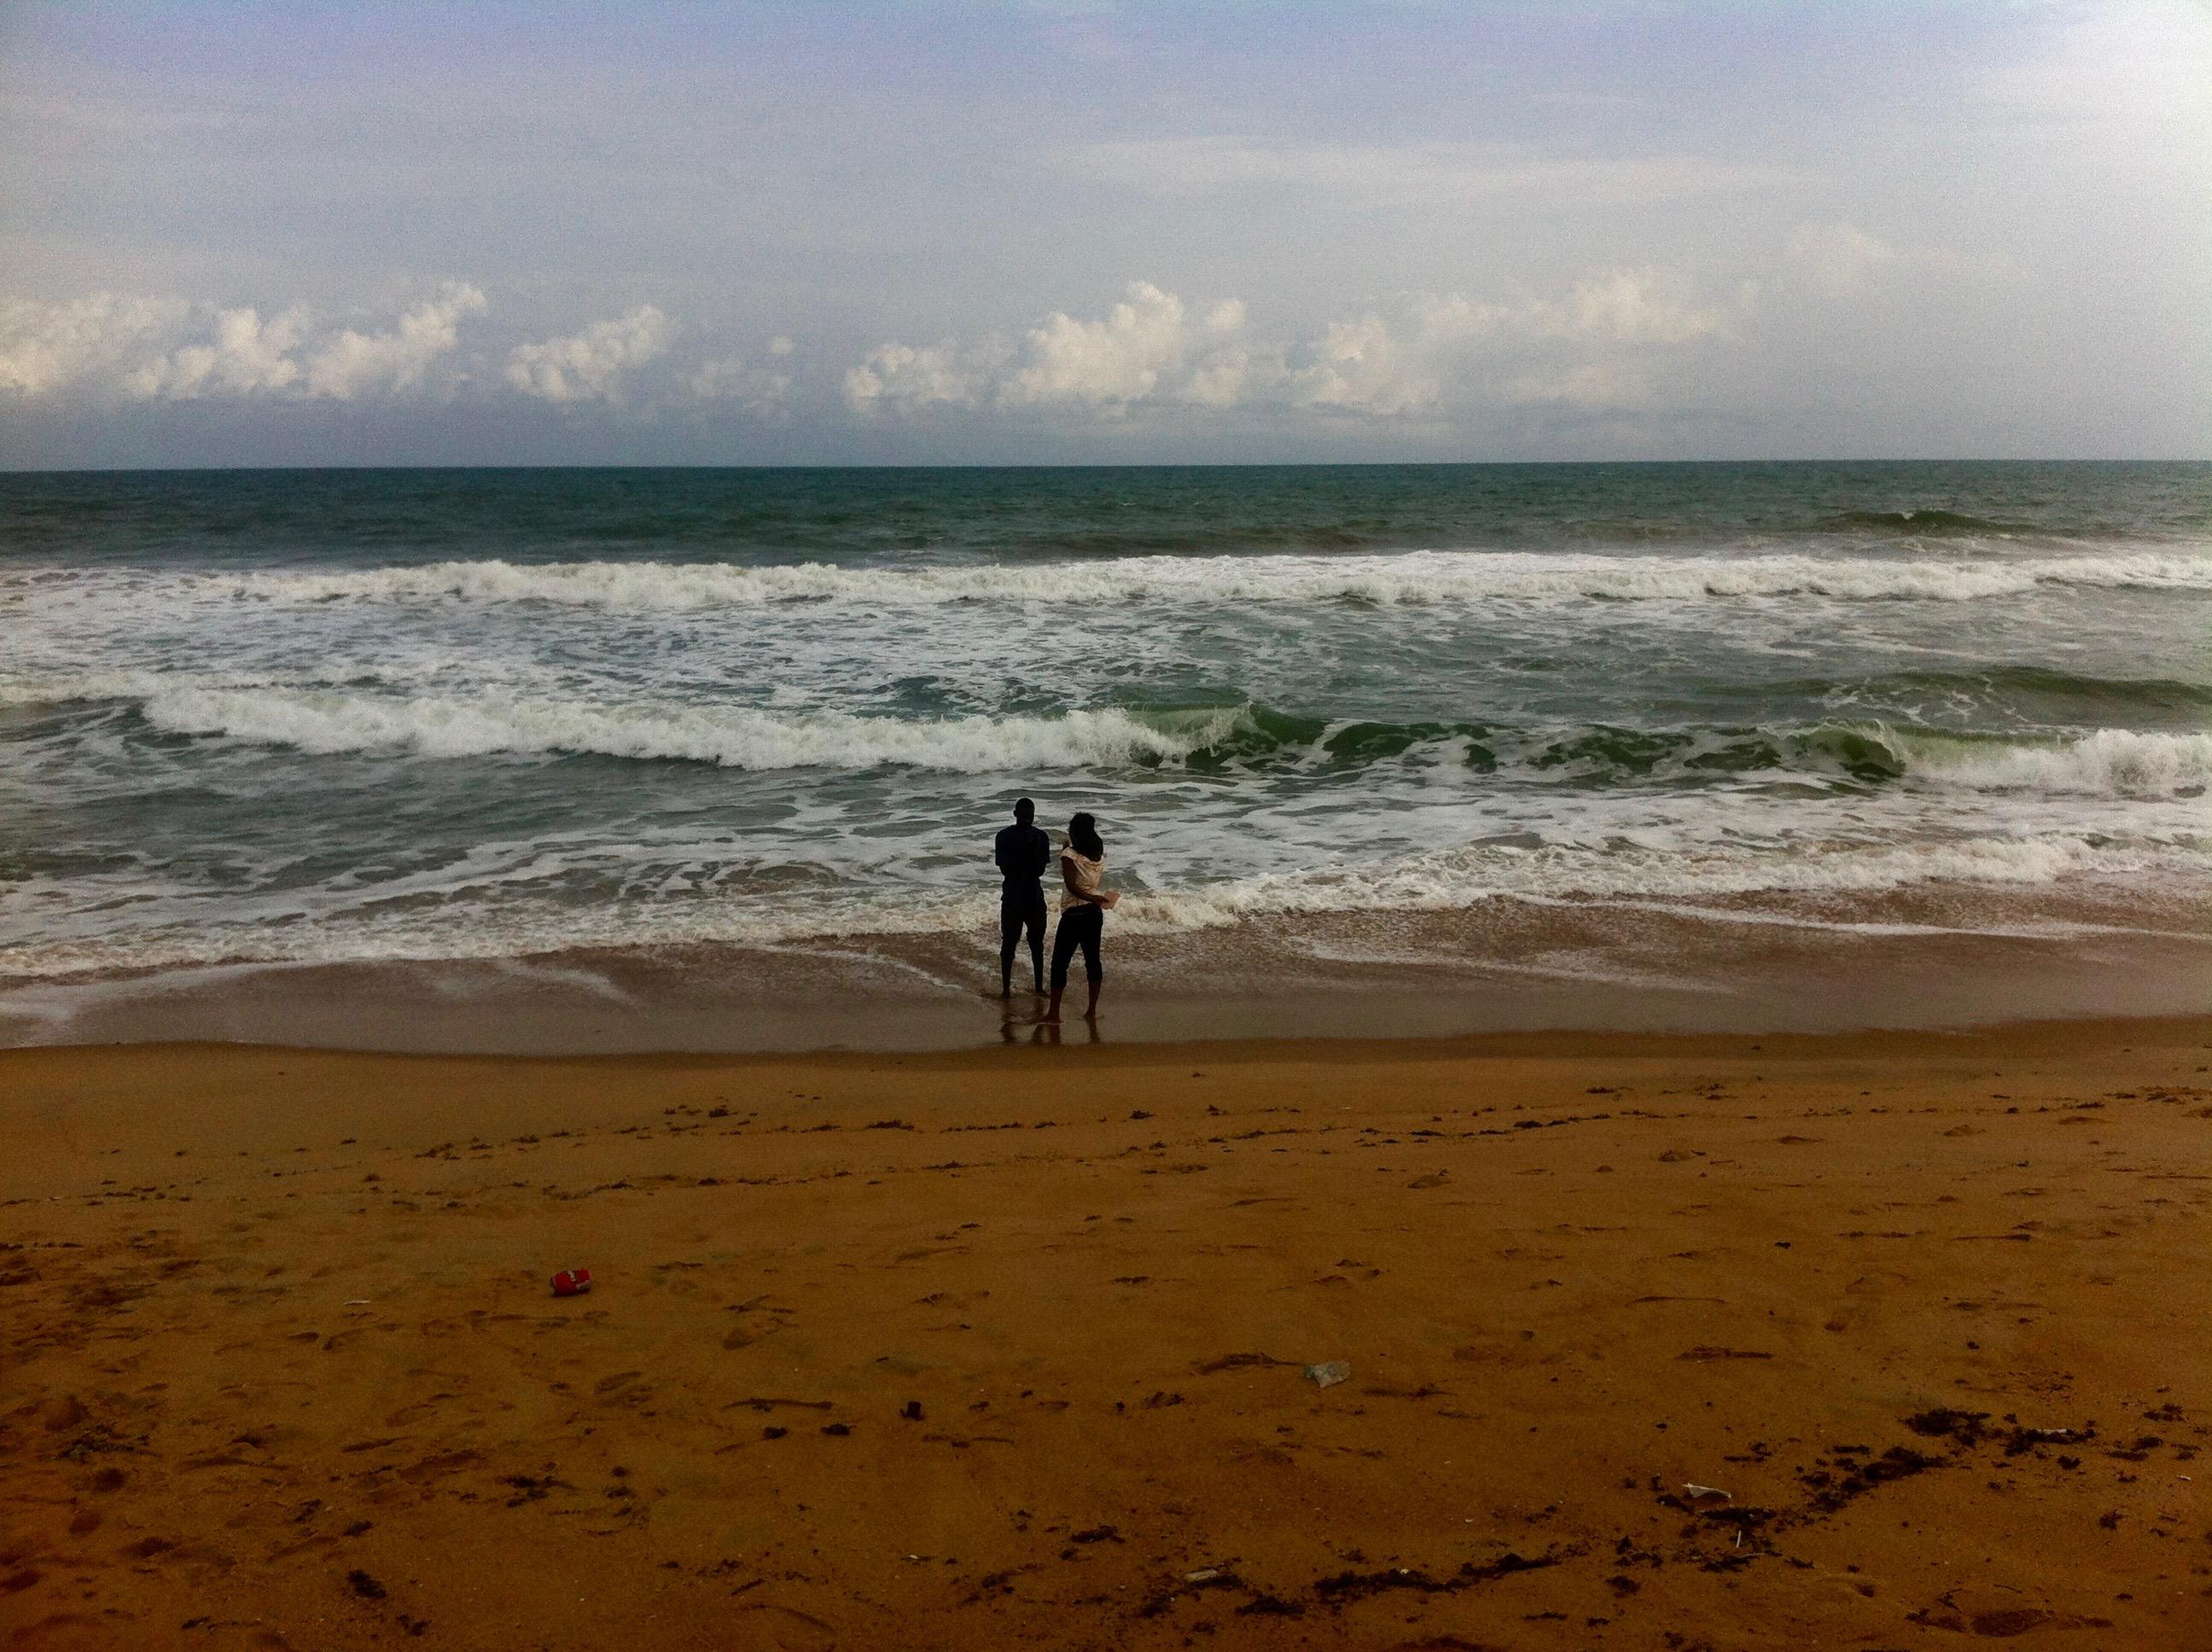 Fidjrosse Beach, Cotonou, Benin. #JujuFilms